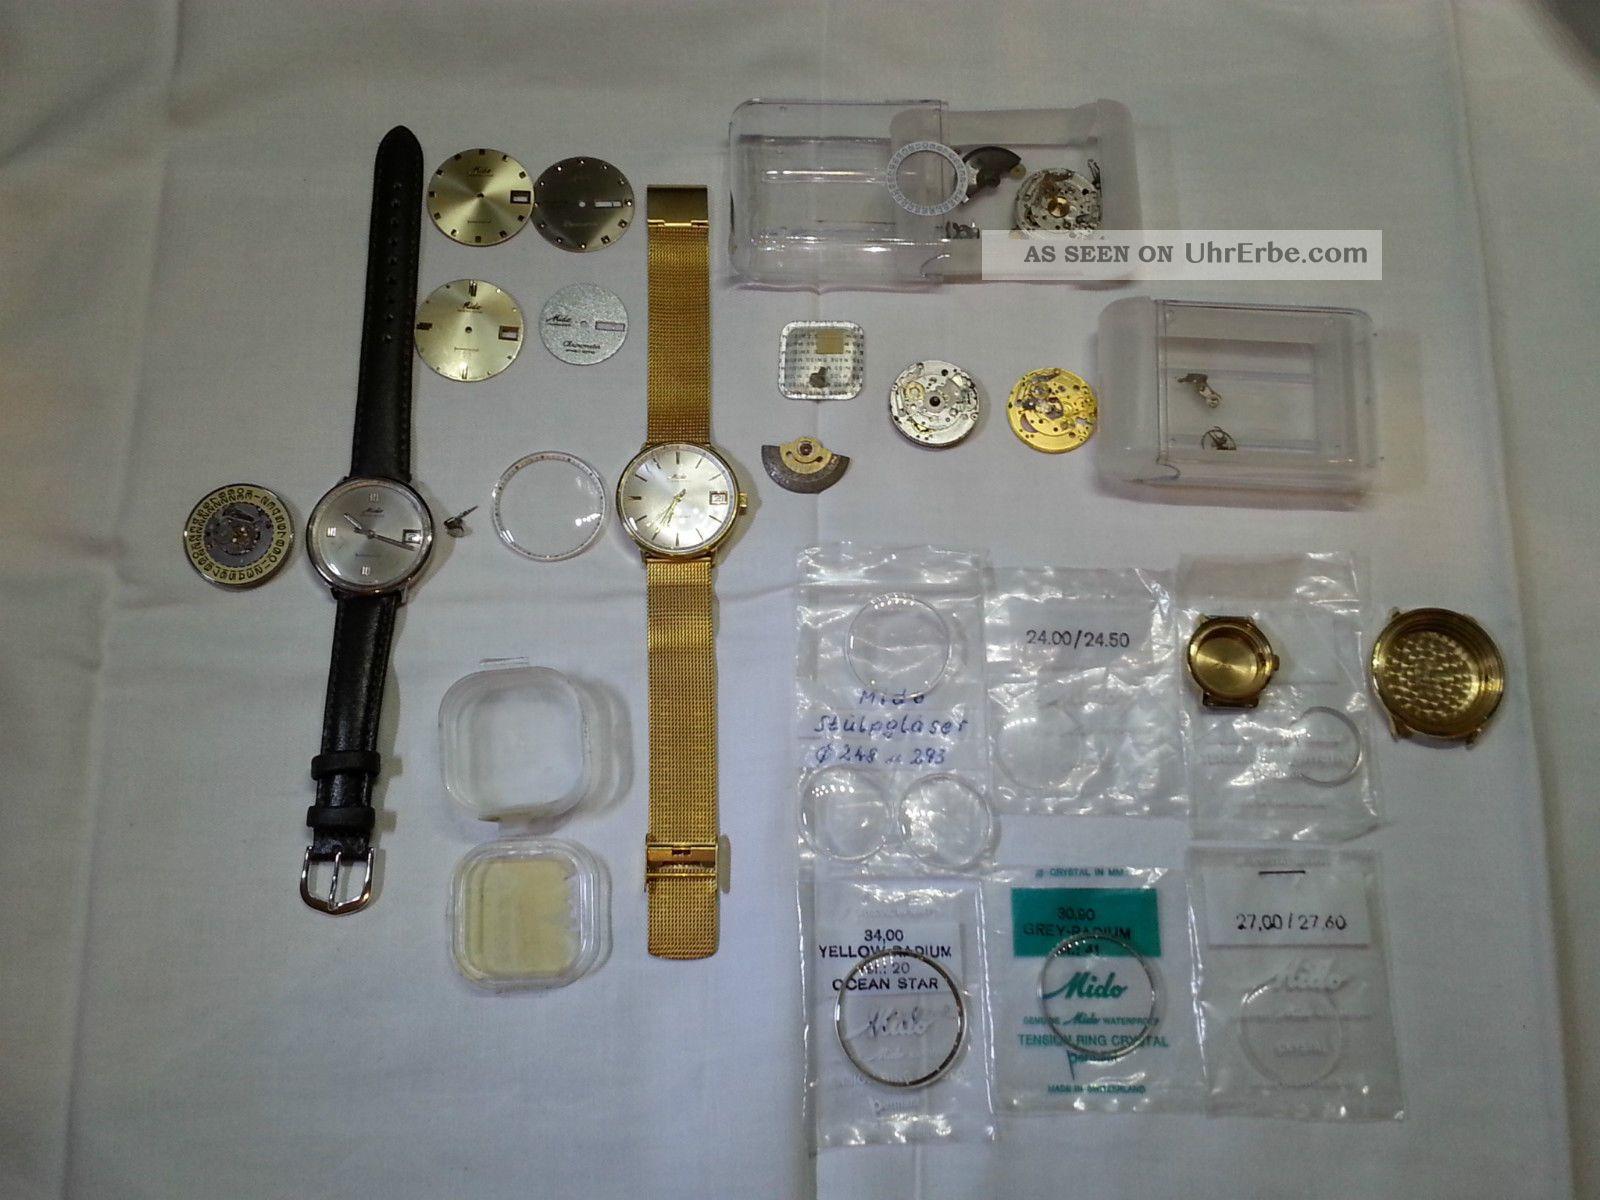 Mido Ocean Star Powerwind - Uhren Und Ersatzteile Werke,  Gläser, Armbanduhren Bild